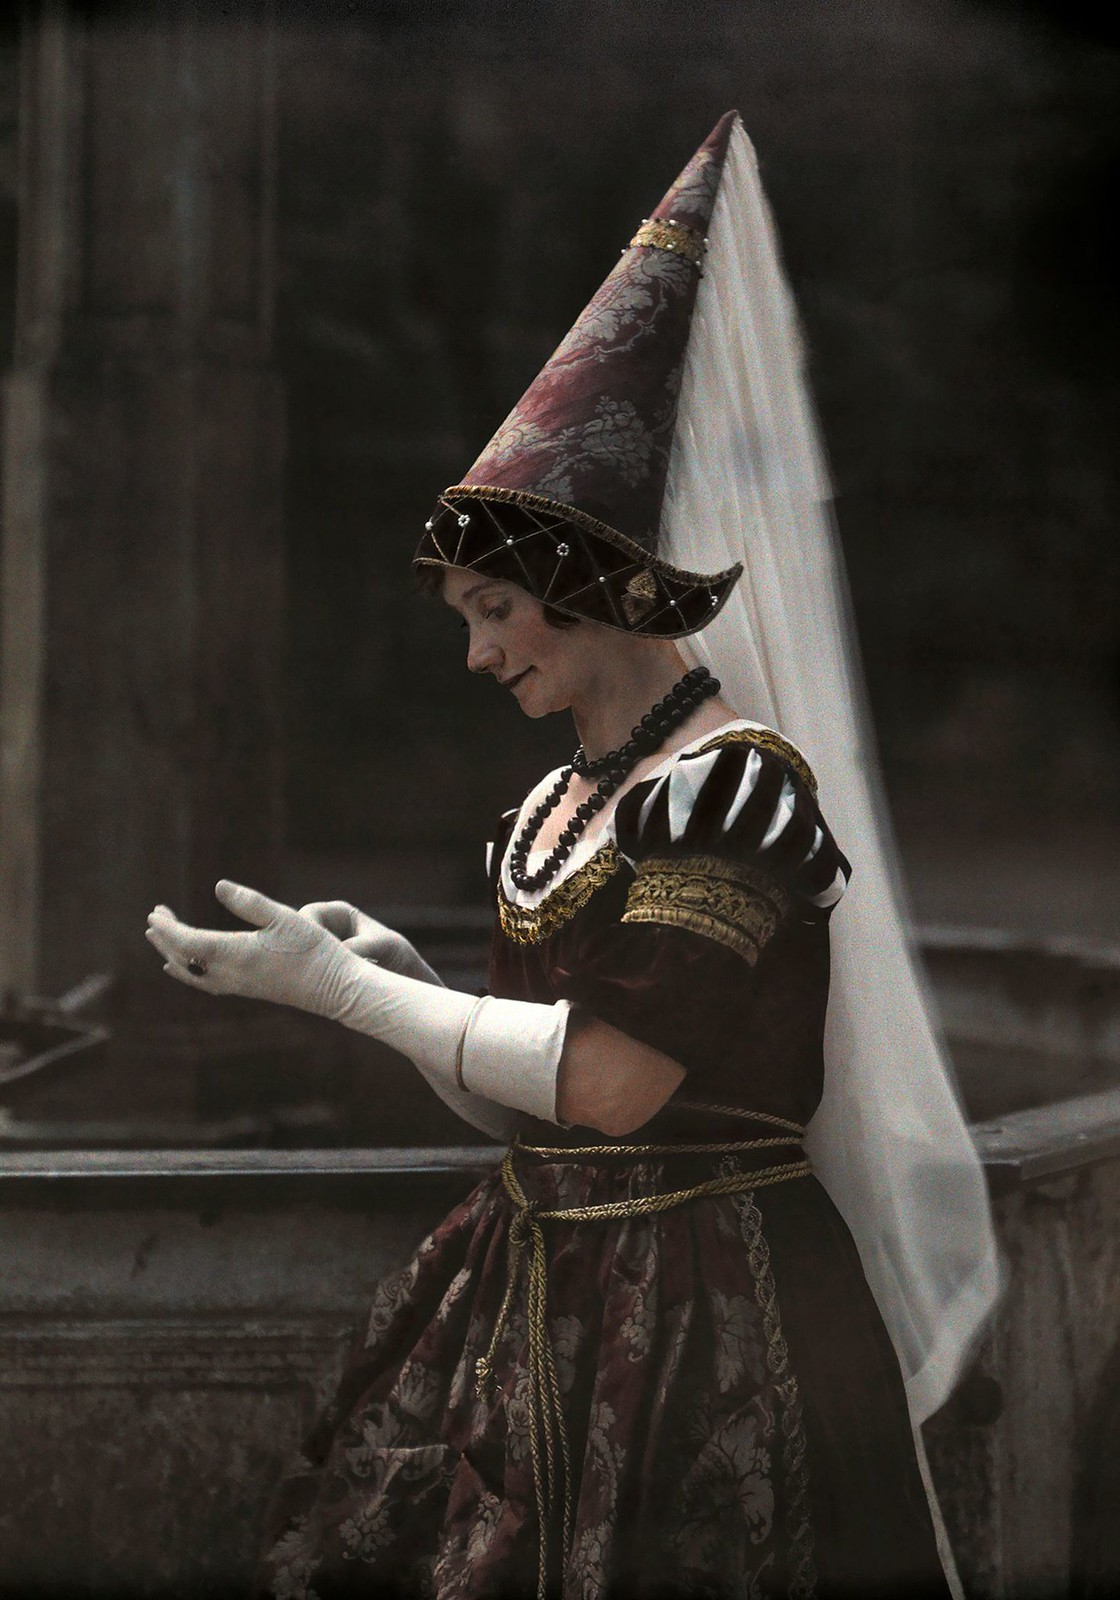 Женщина в остроконечной шляпе-хеннине с вуалью, поправляющая перчатки